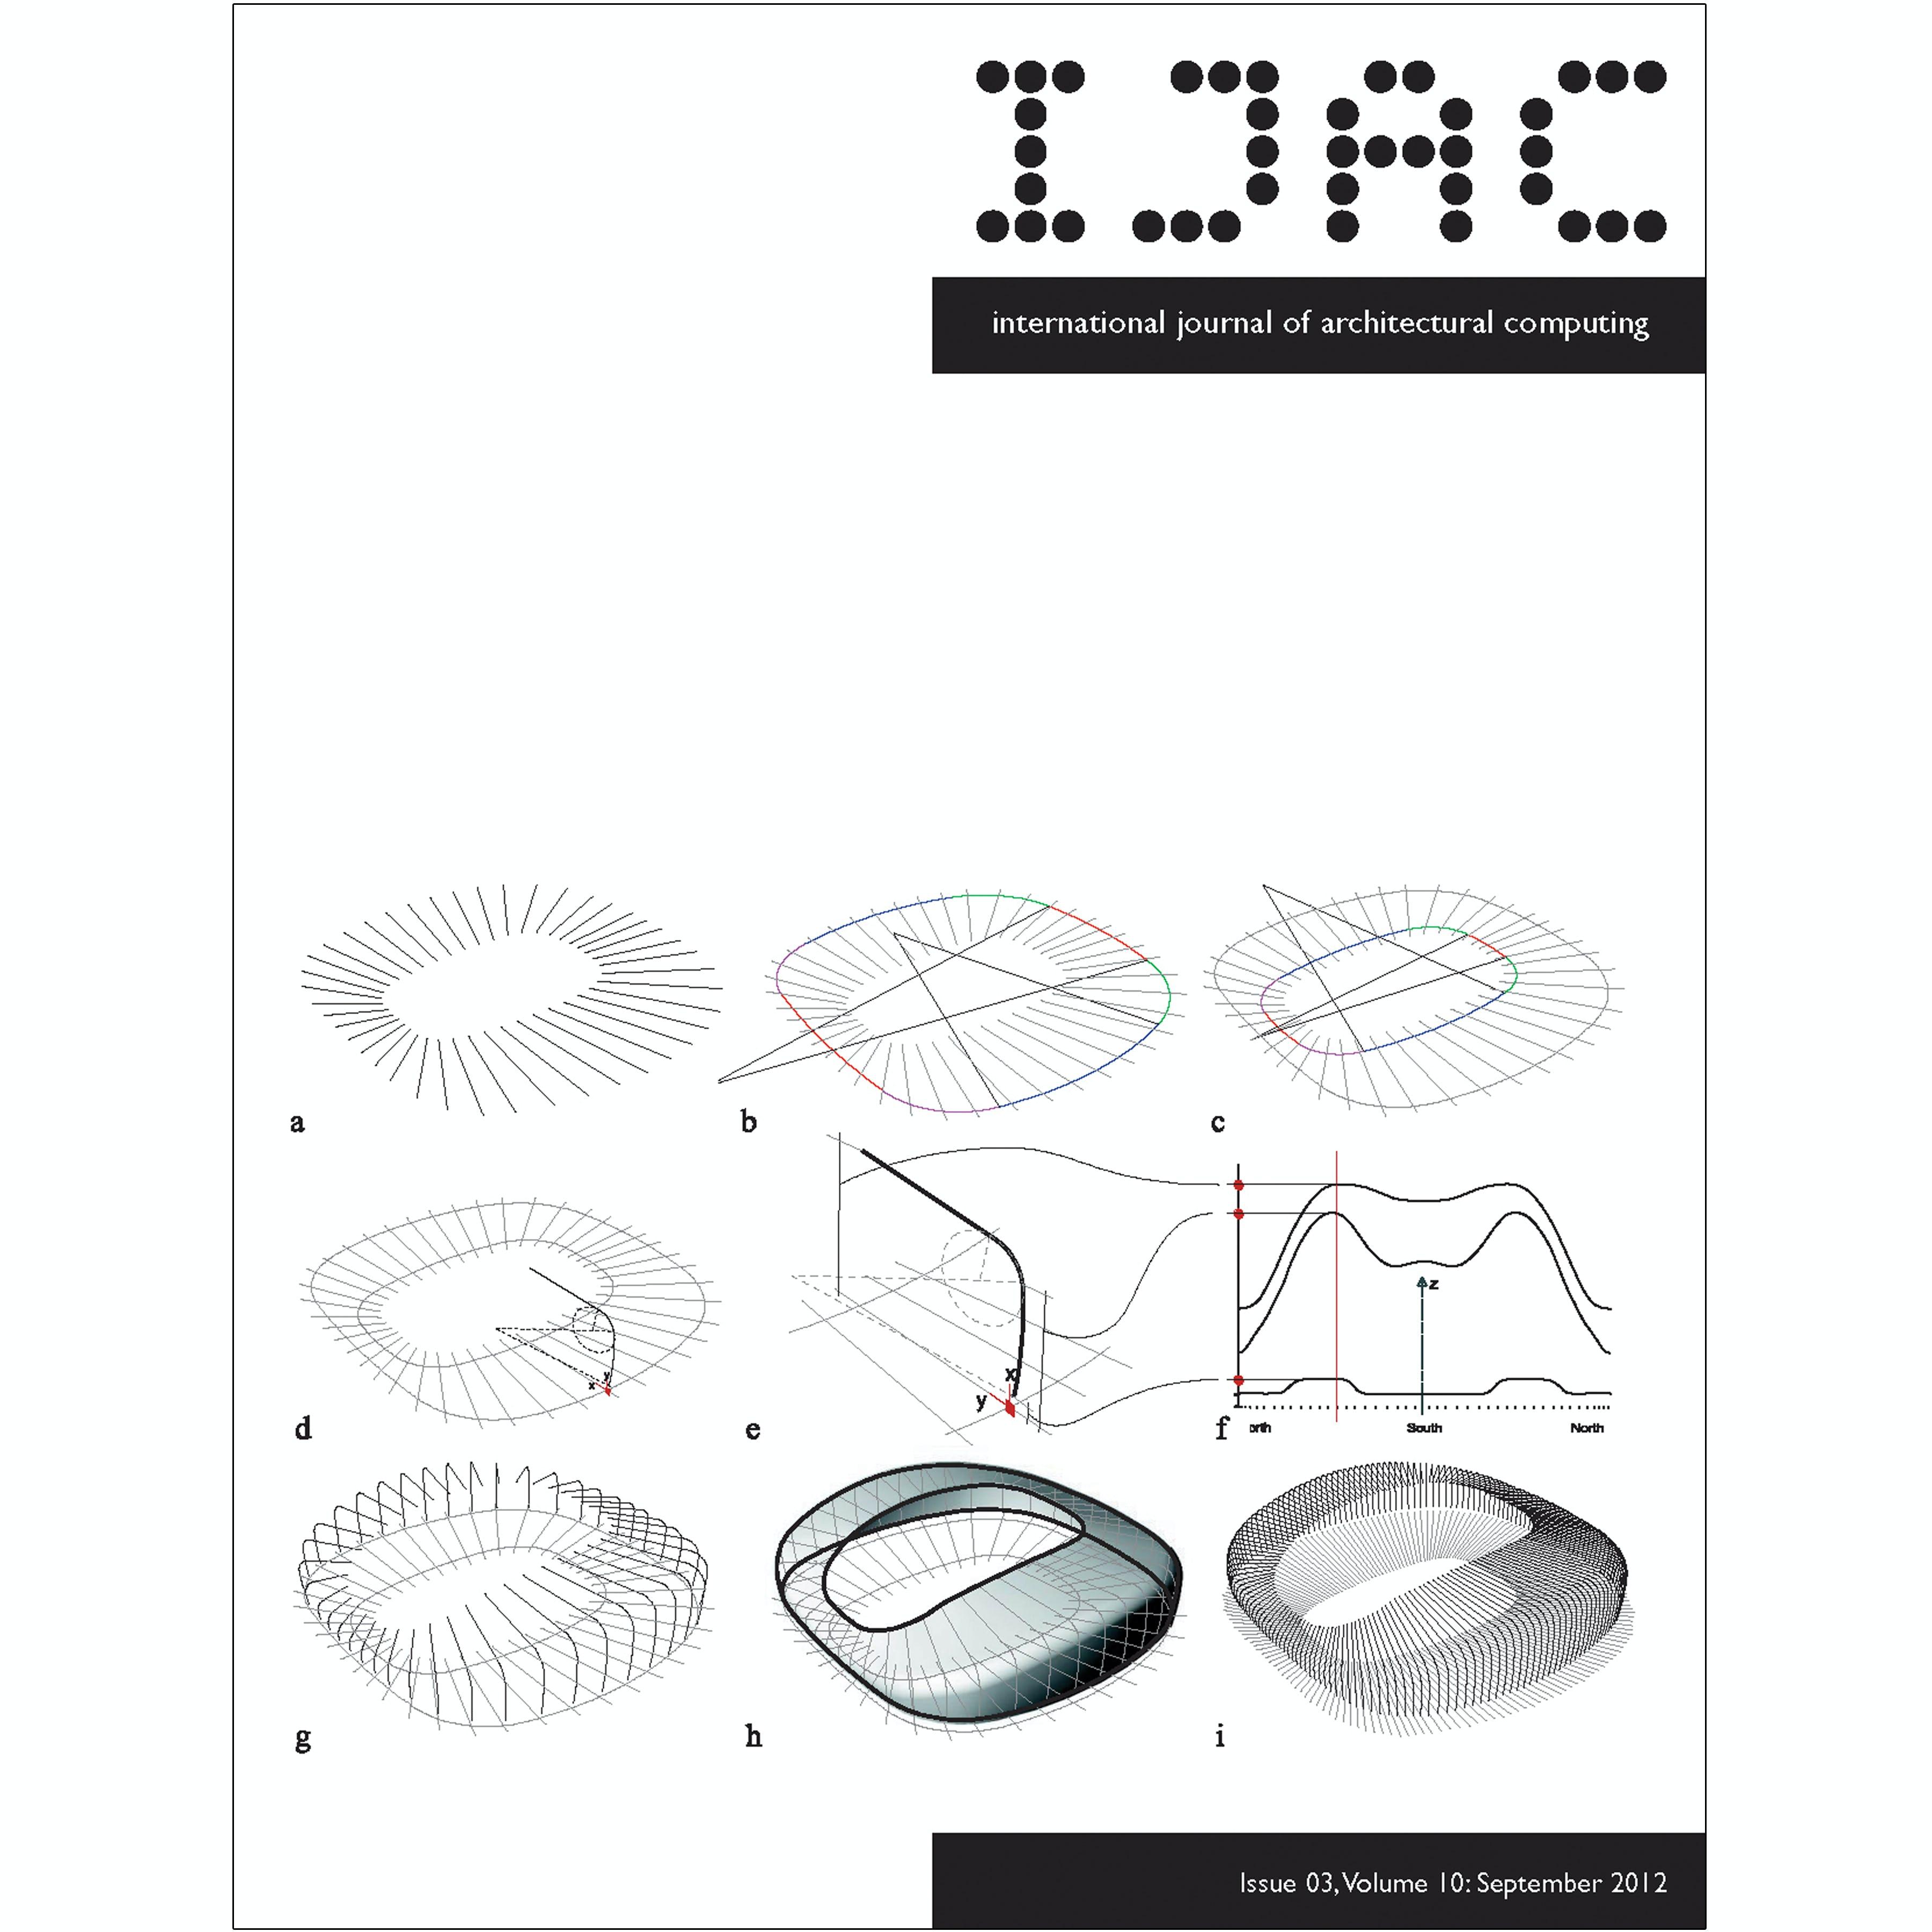 Rvtr ijac vol 10 issue 03